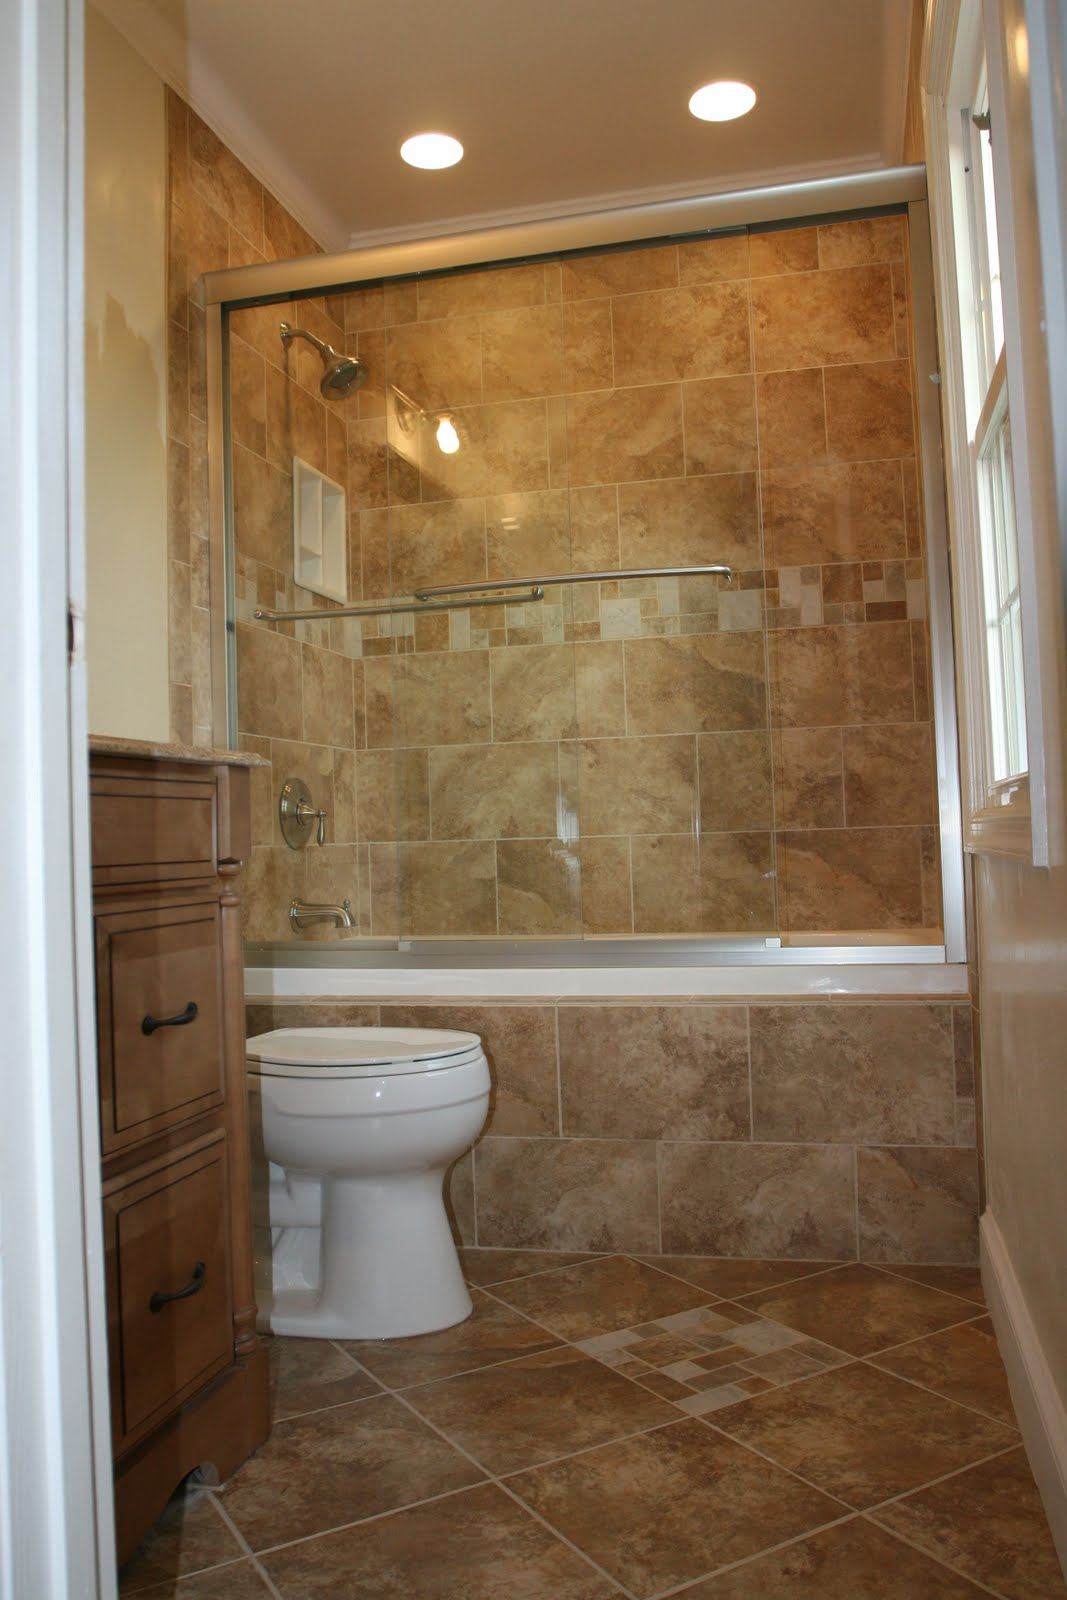 Bathroom Remodeling Design Ideas Tile Shower Niches ... on Bathroom Remodel Design Ideas  id=75260